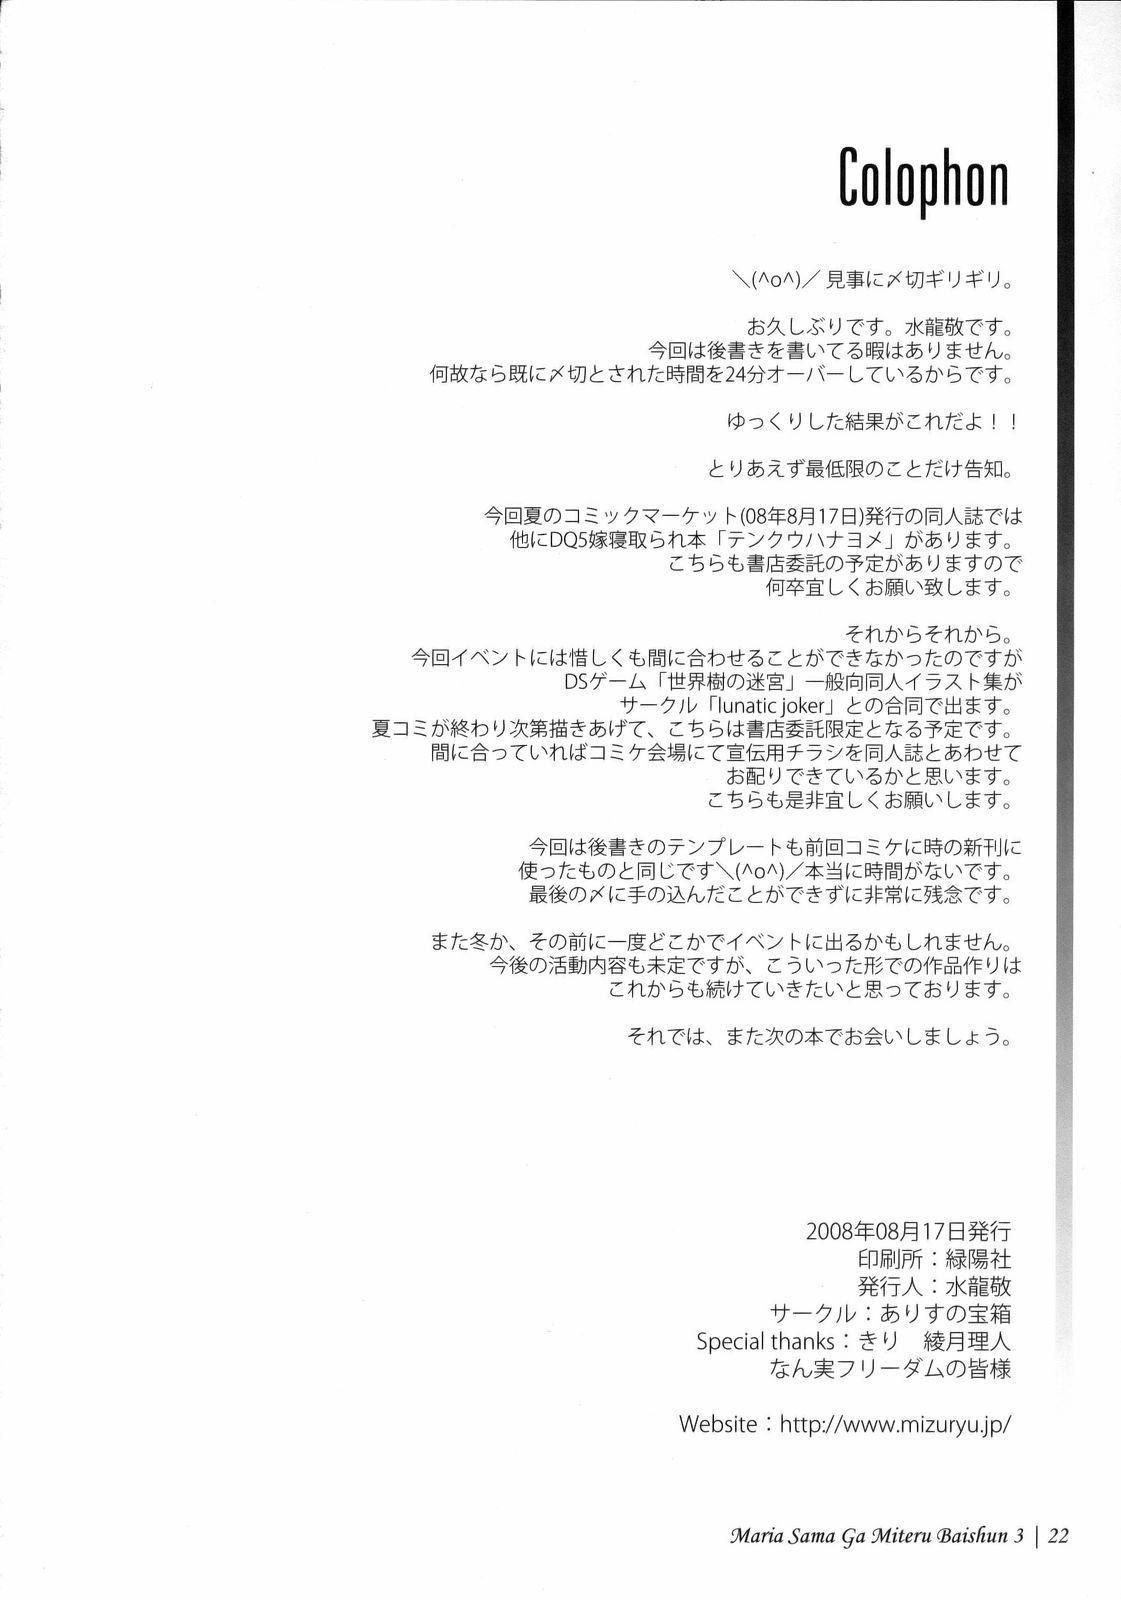 Maria-sama ga Miteru Baishun 3 24